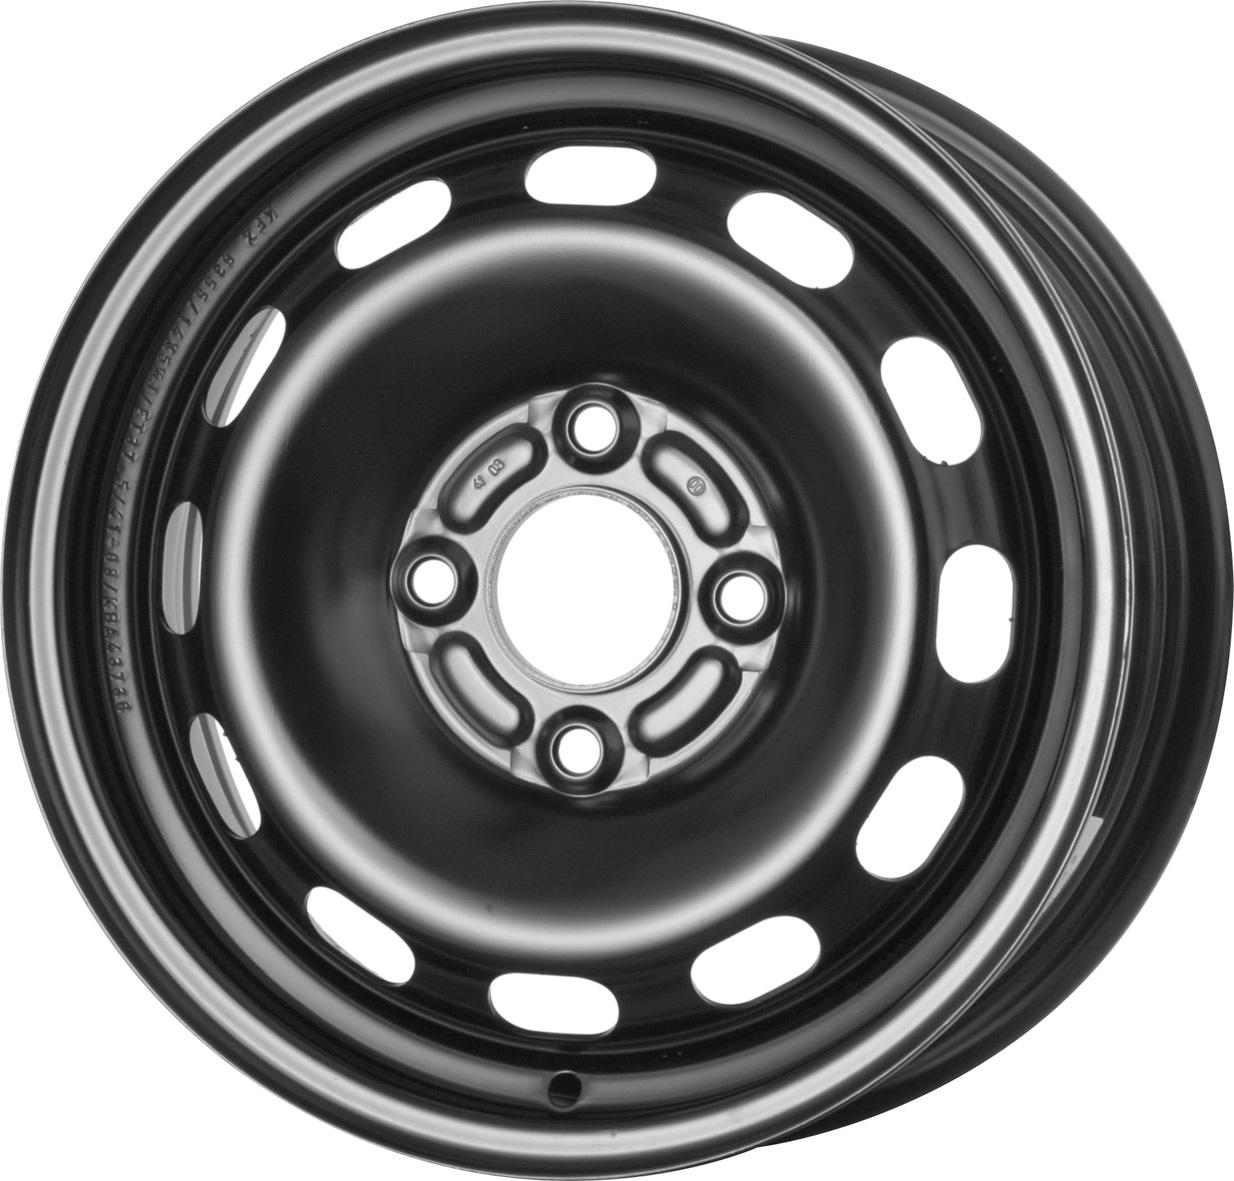 Vorschau: 14″ Stahlrad Sommer für Ford Fiesta 1.6 (JA8) Kumho KH27 175/65 R14 82T